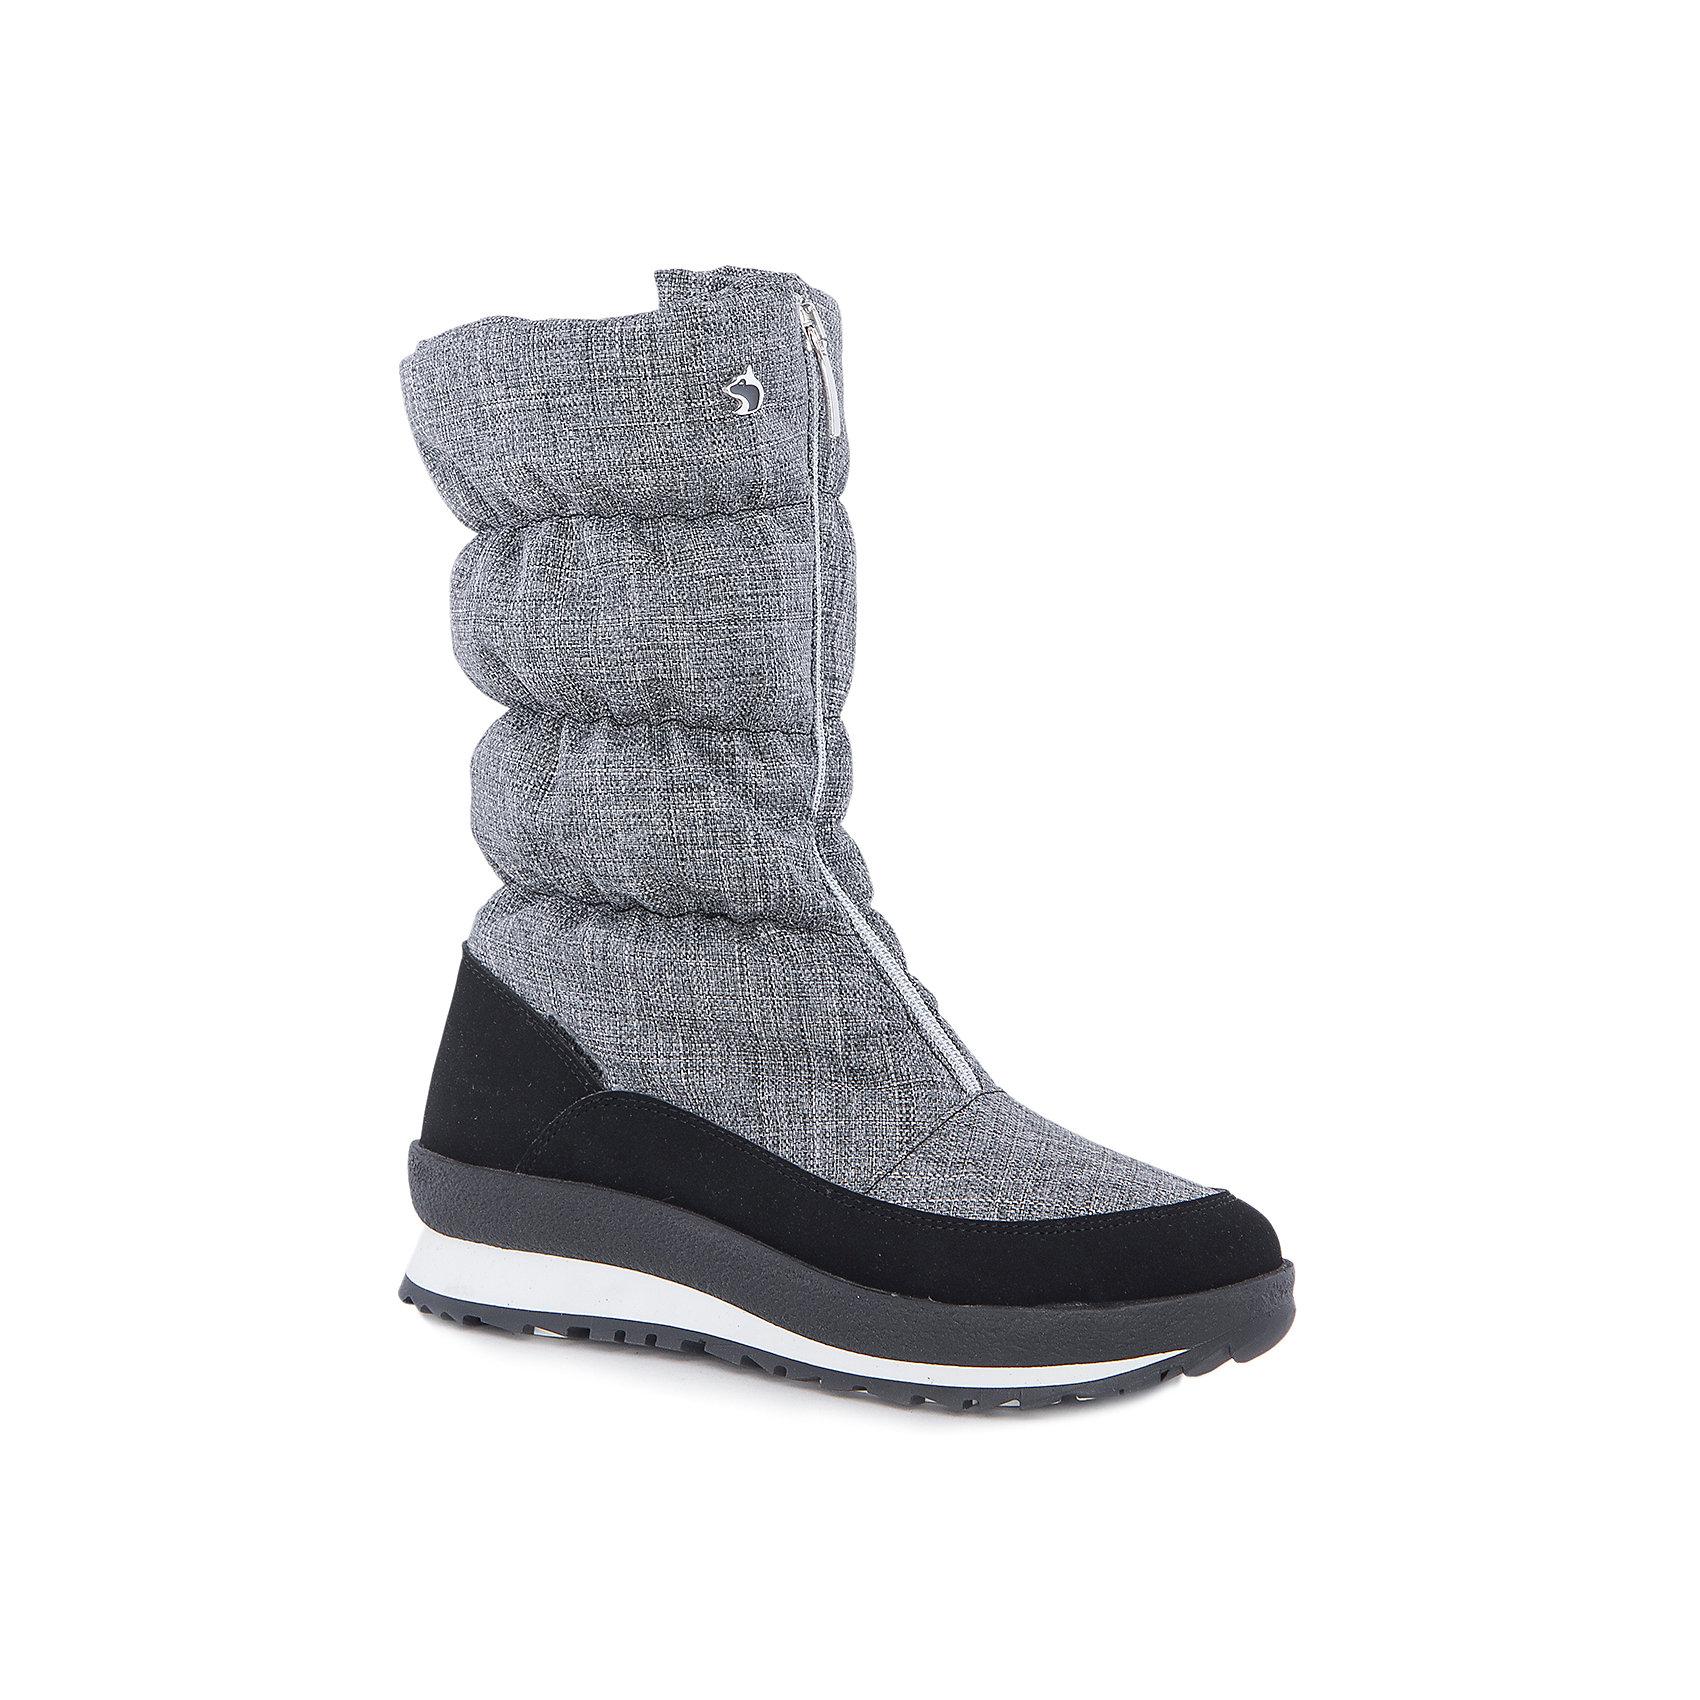 Сапоги для девочки Alaska OriginaleСапоги для девочки Alaska Originale<br>Зимняя обувь с мембранным слоем для активных прогулок. Температурный режим от 0 до -25С.<br>Состав: Верх:54%ПЭ;46%ПА ; Подкладка:Текстильные материалыПодошва:Термопластик<br><br>Ширина мм: 257<br>Глубина мм: 180<br>Высота мм: 130<br>Вес г: 420<br>Цвет: серый<br>Возраст от месяцев: 144<br>Возраст до месяцев: 156<br>Пол: Женский<br>Возраст: Детский<br>Размер: 36,40,38,39,37<br>SKU: 5134408